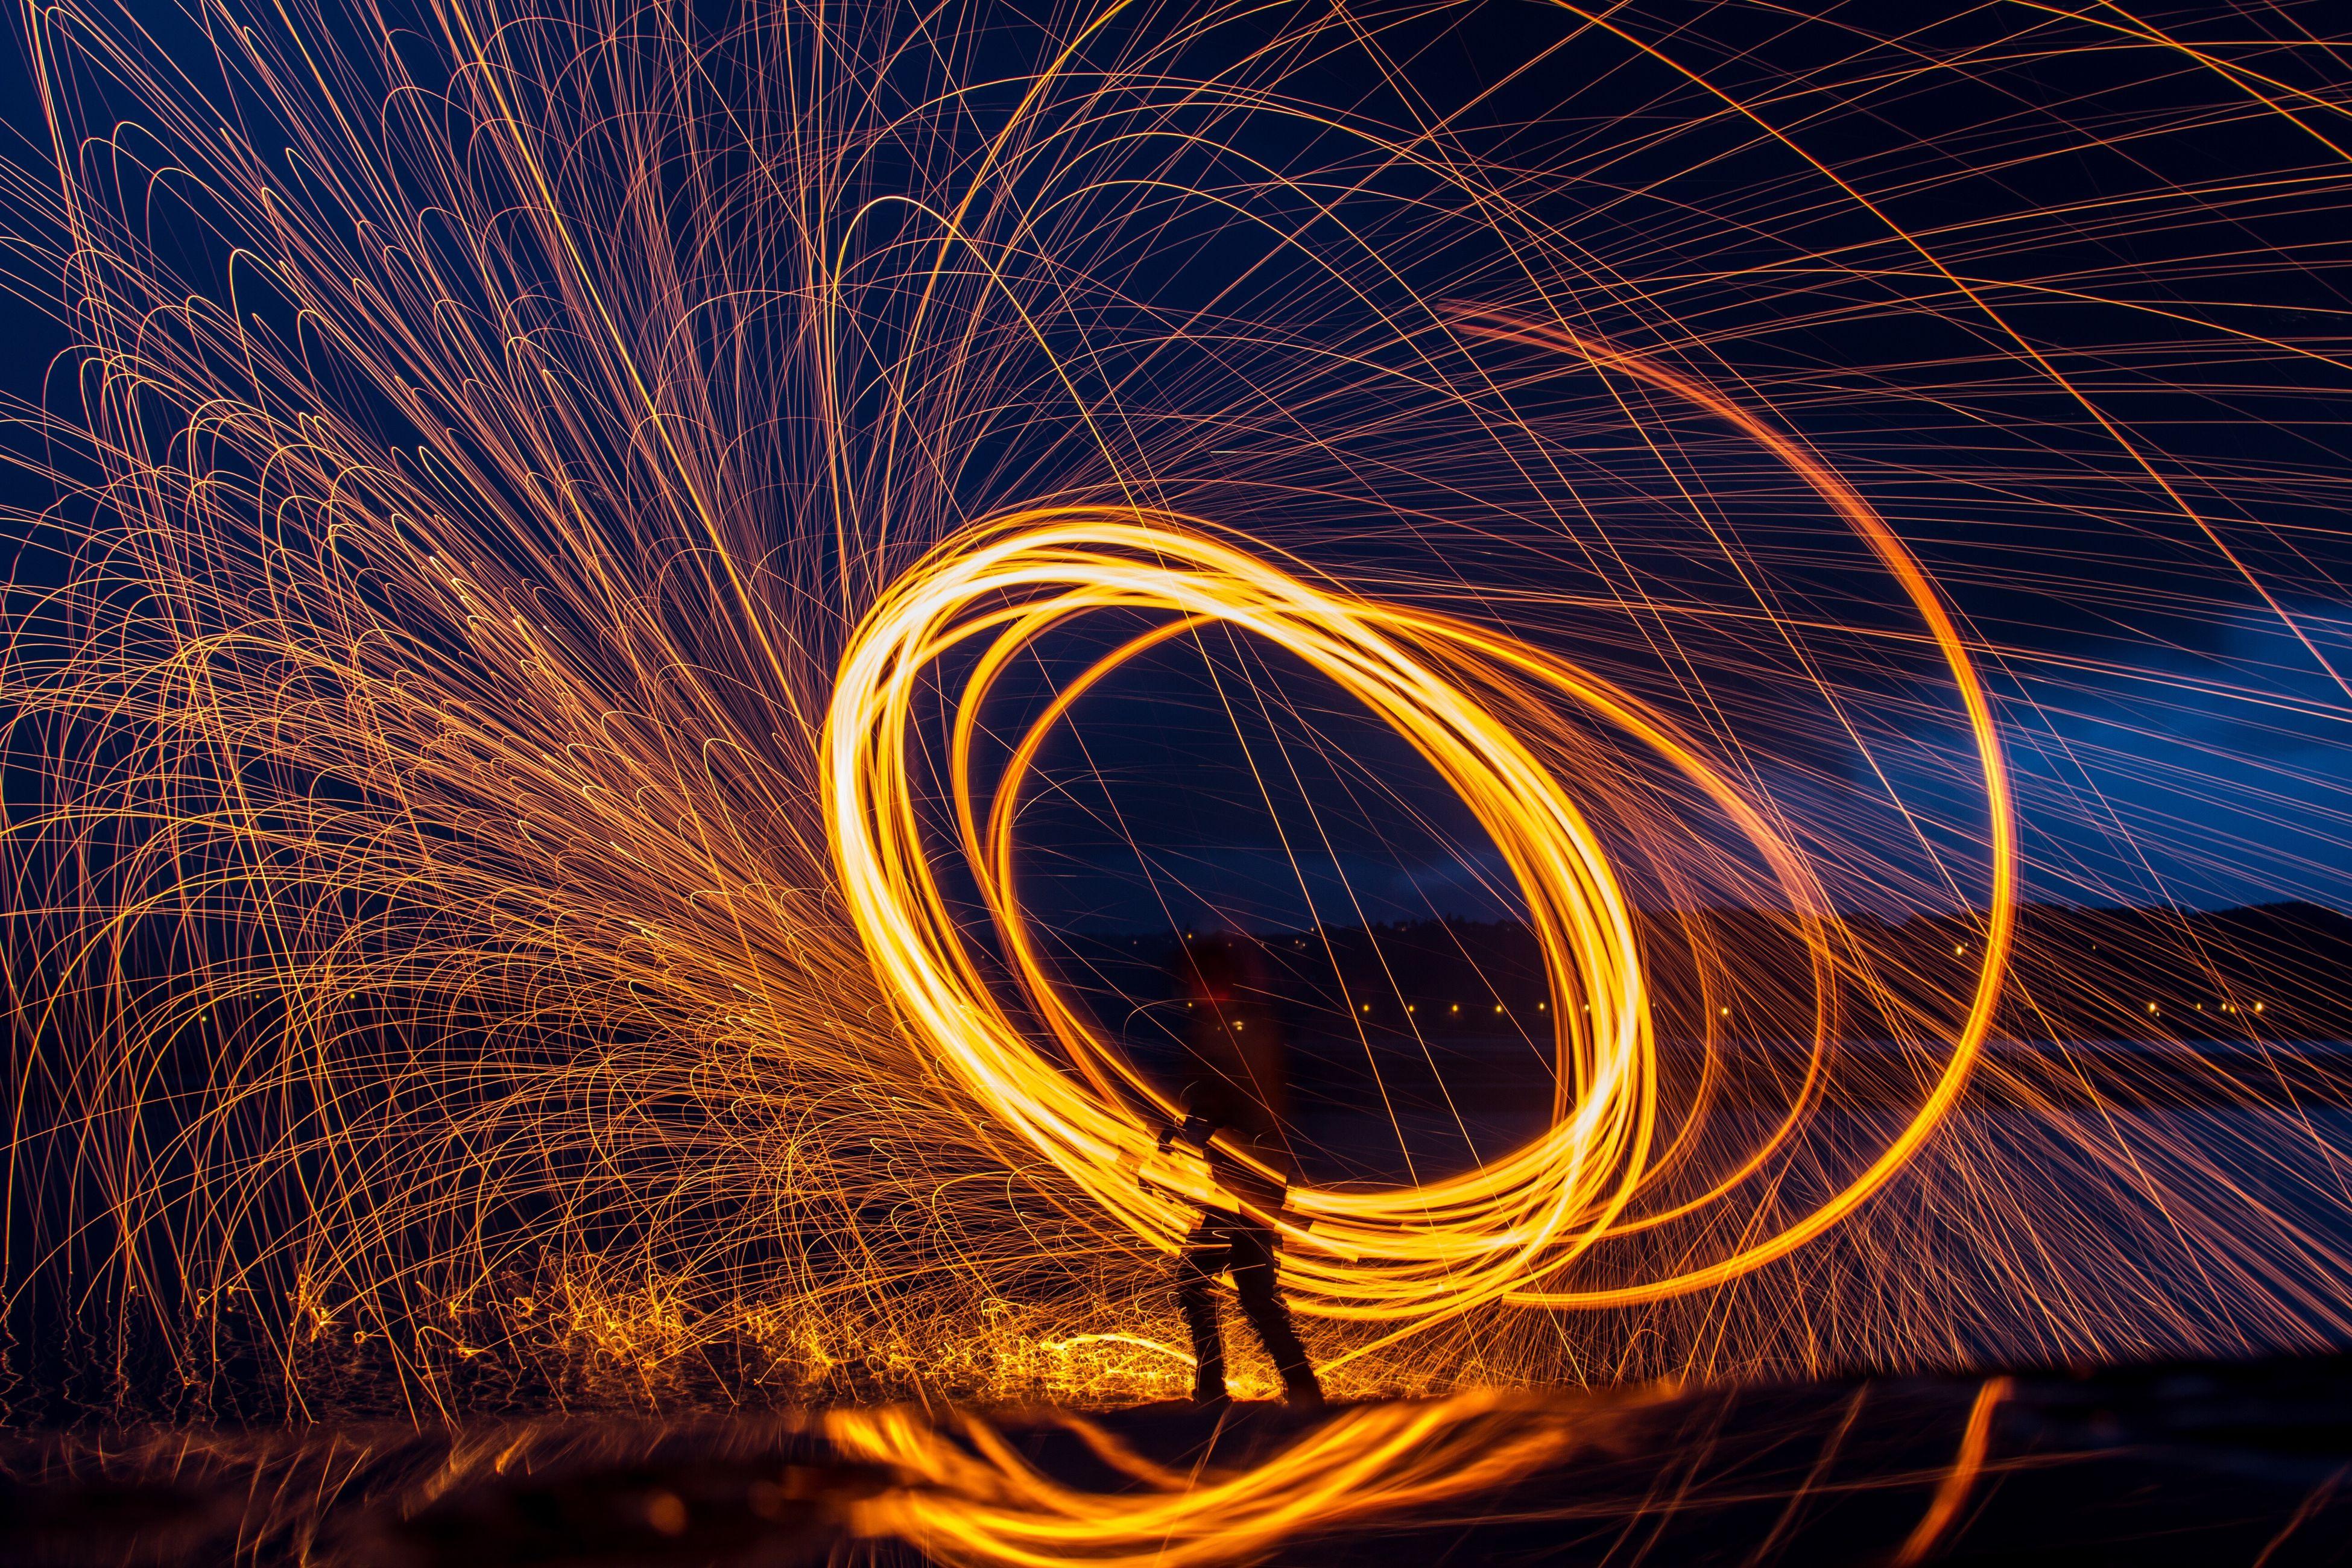 Fiiiiirrreeee Inselmeet Visitrapperswil Instameet Streamzoofamily Canon Fireworks Long Exposure EyeEmSwiss EyeEm Nature Lover EyeEm Best Shots